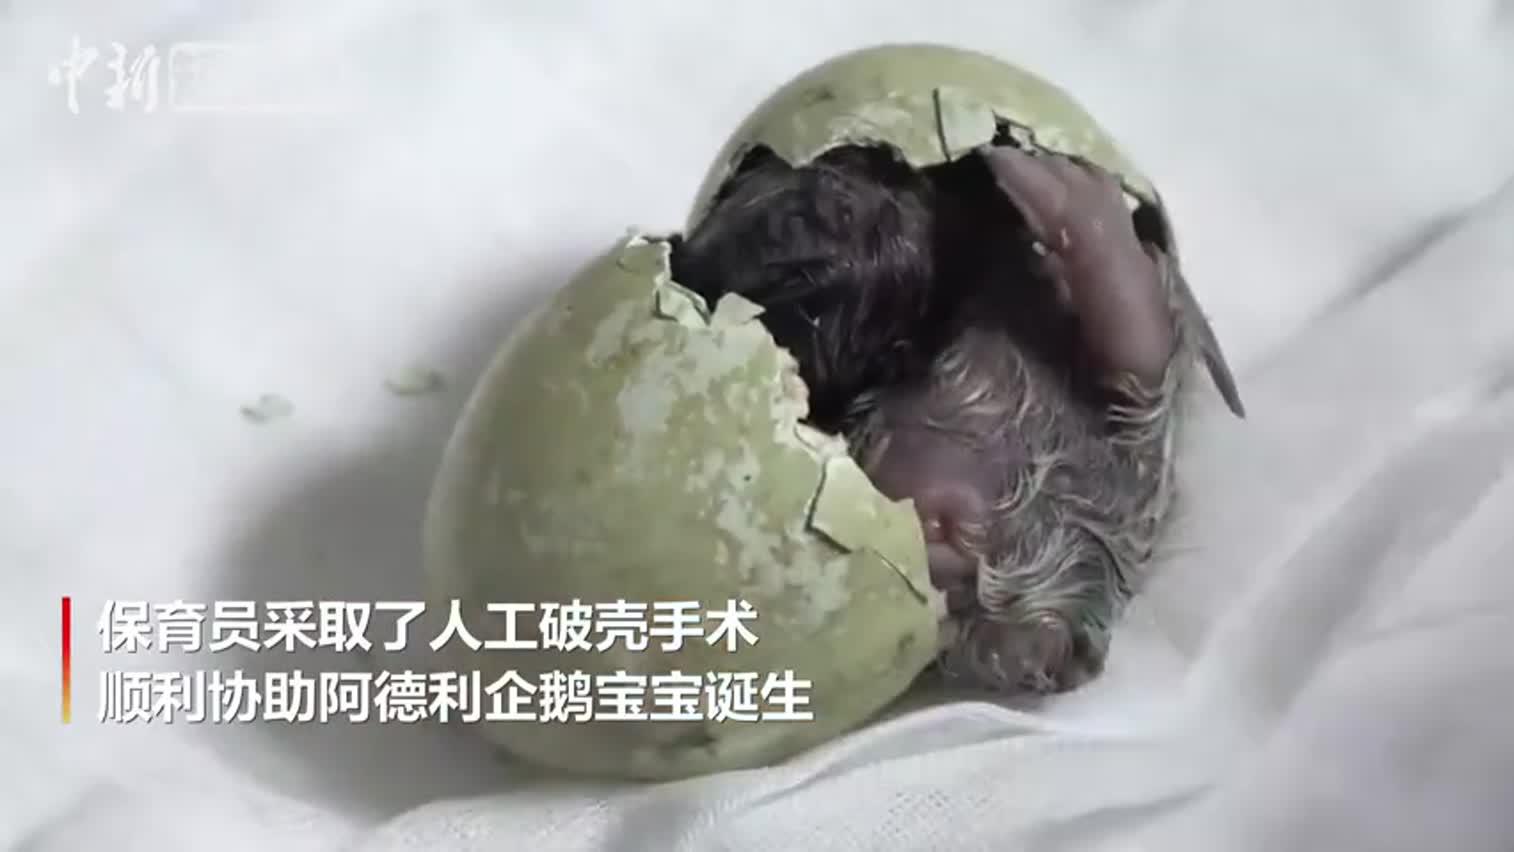 视频-近距离看企鹅宝宝破壳而出